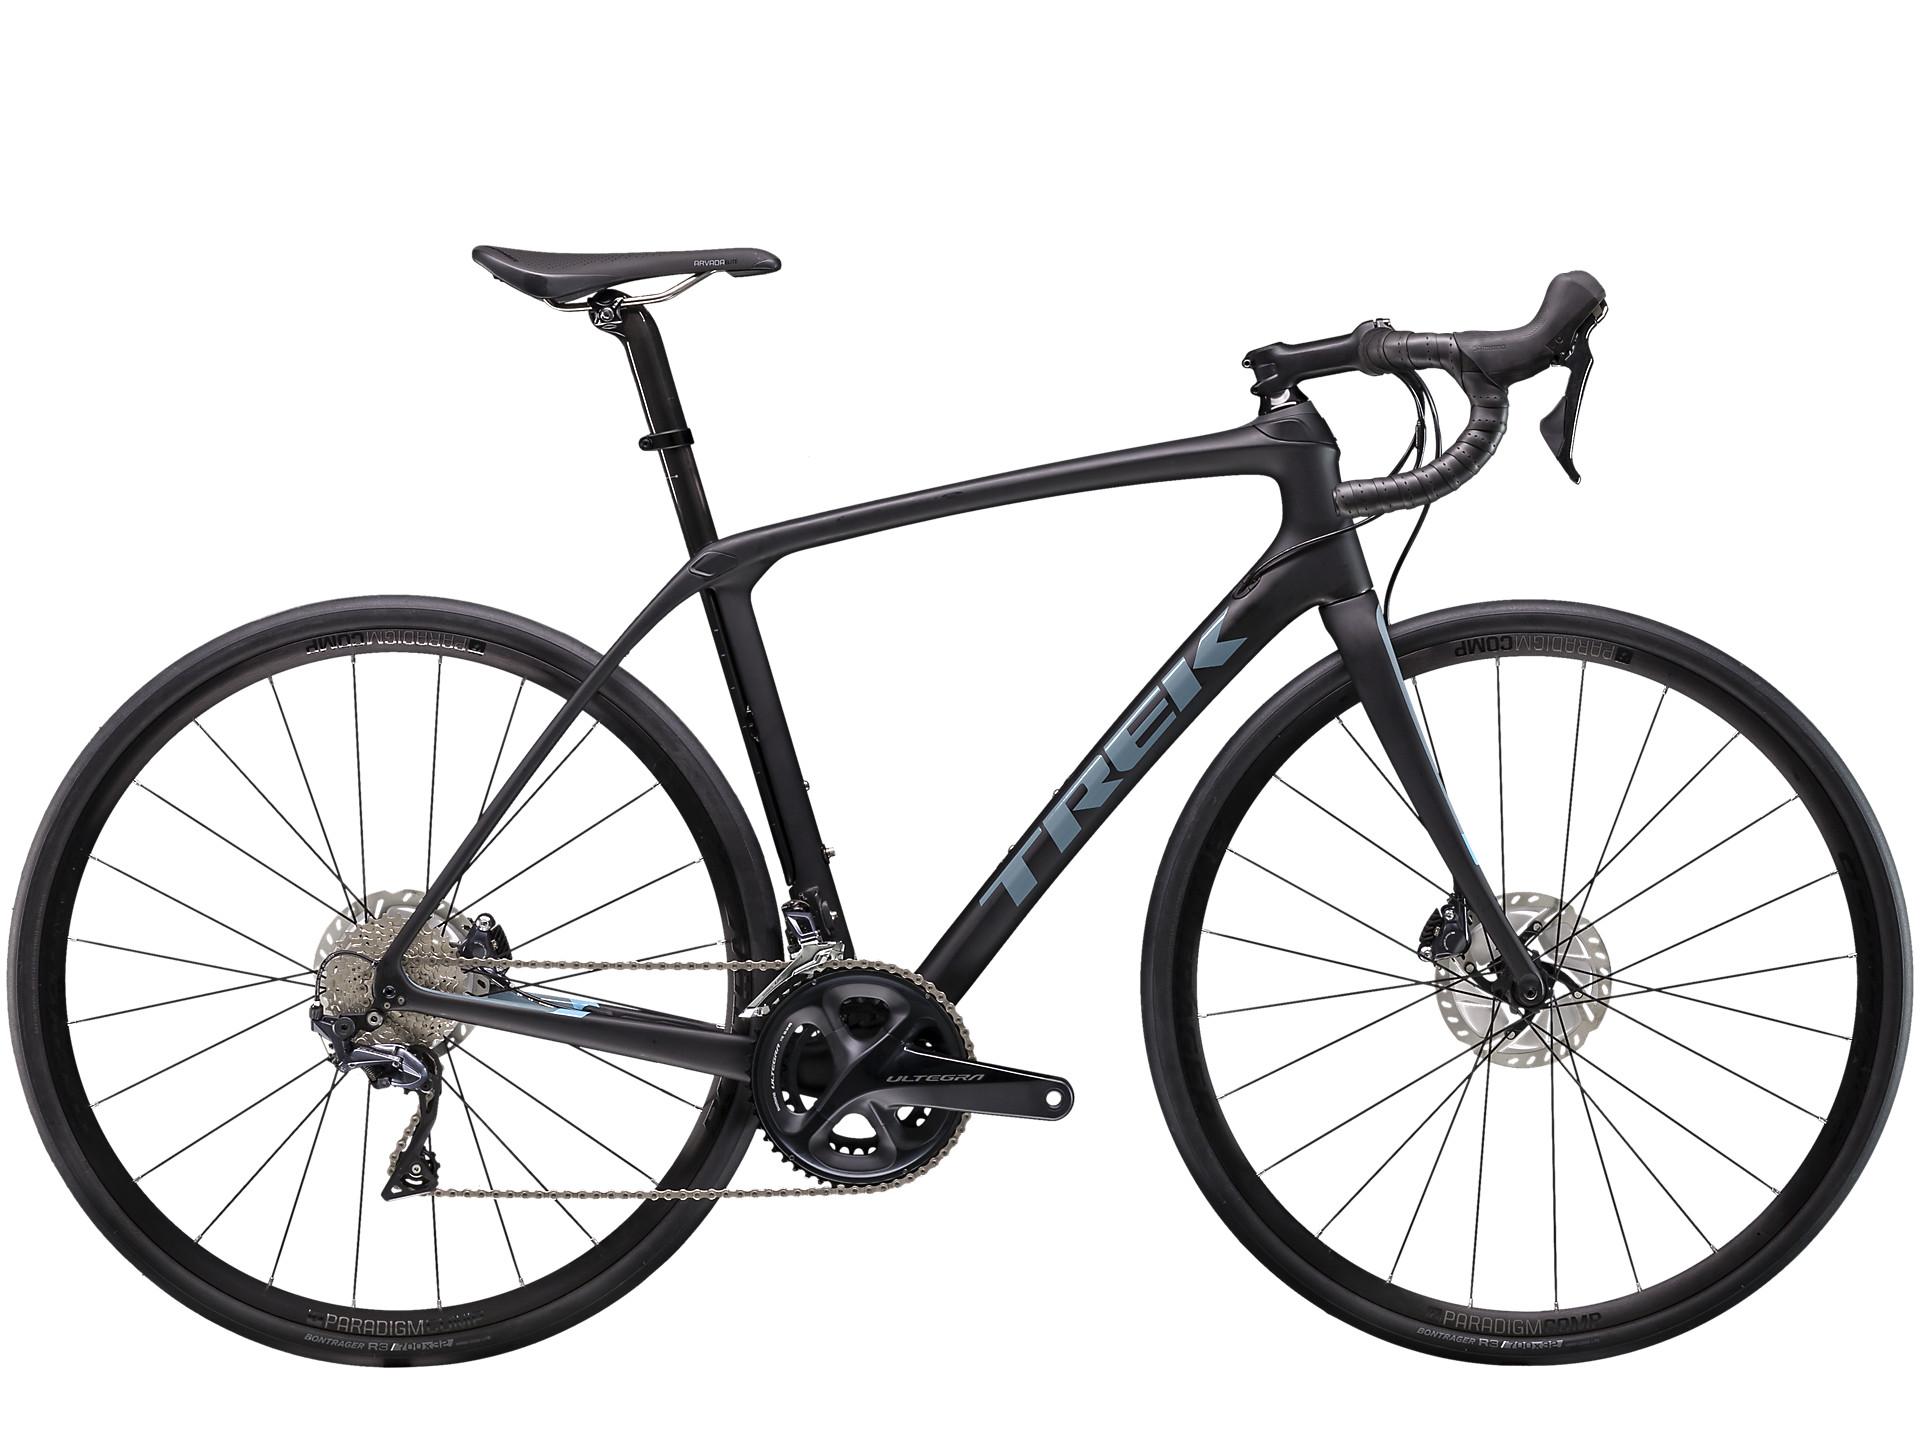 Domane SLR 6 Disc   Trek Bikes